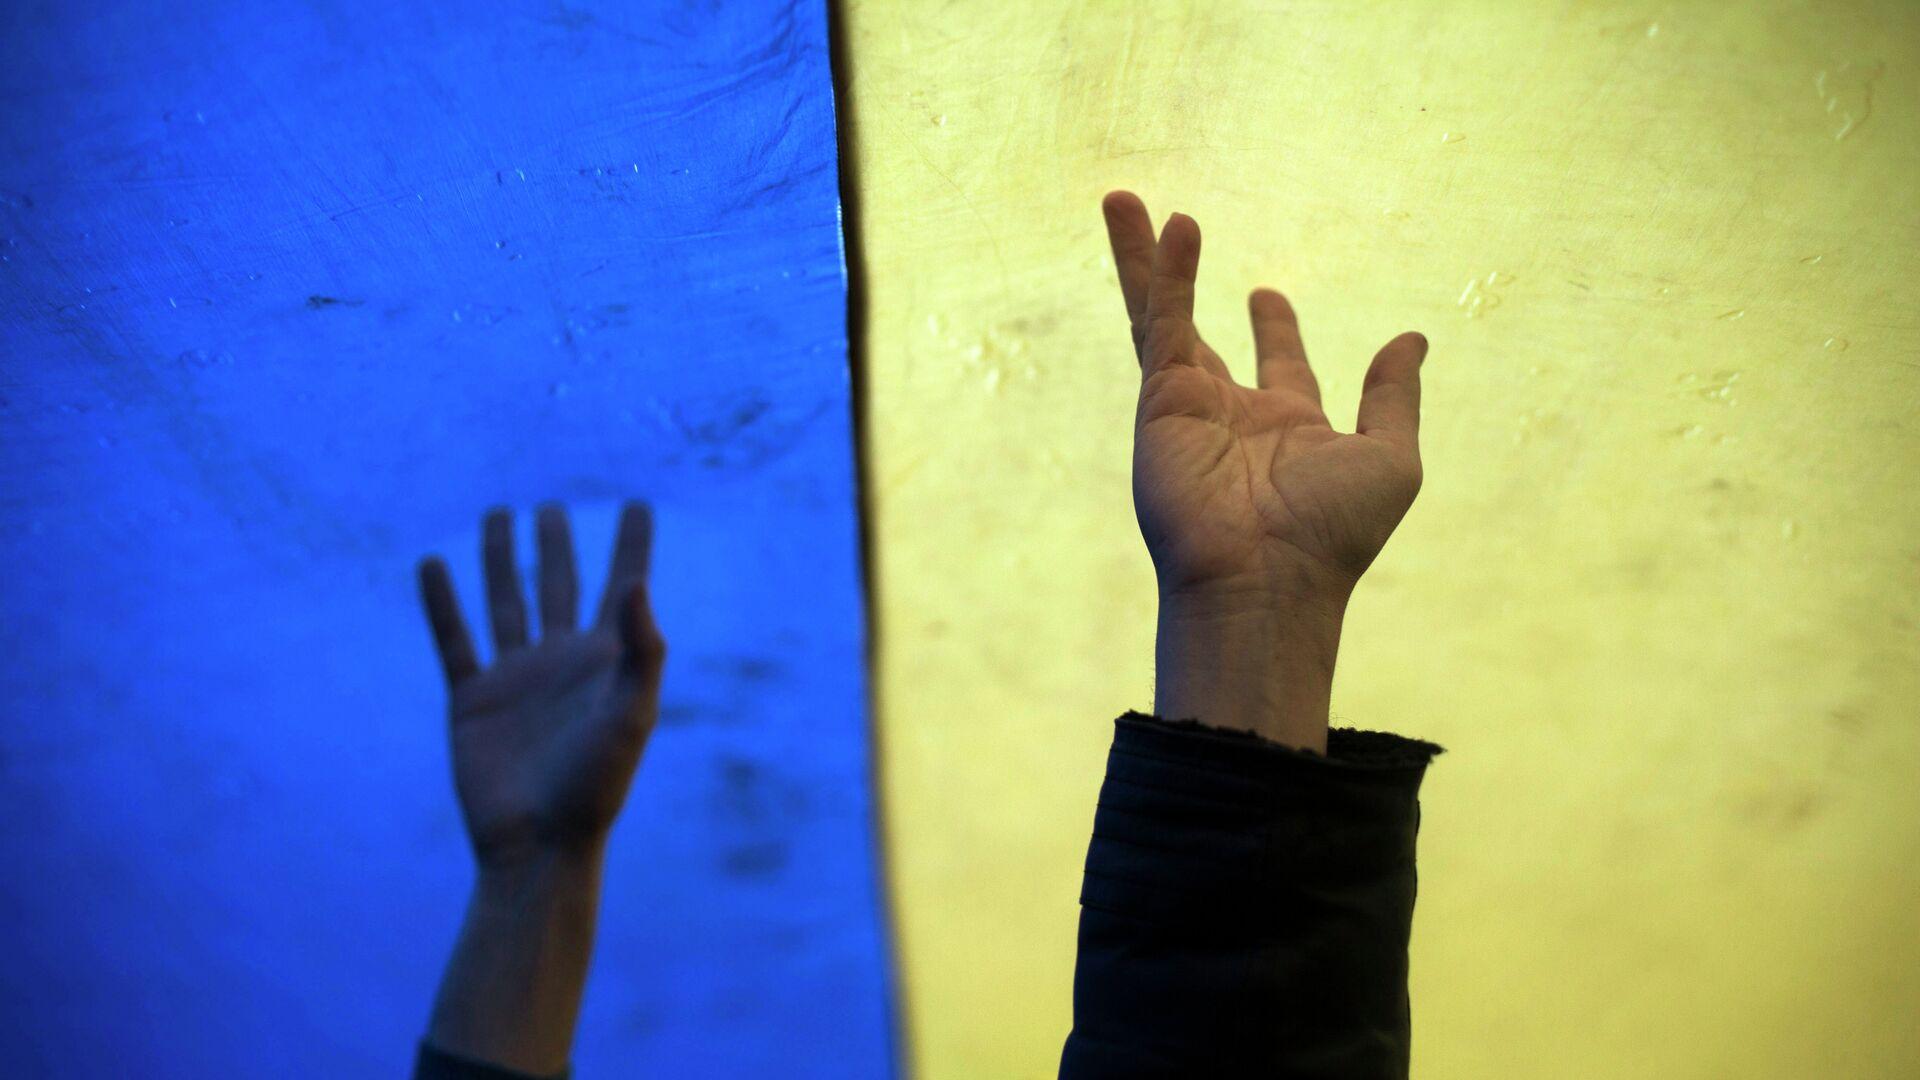 Ręce demonstrantów na tle flagi Ukrainy - Sputnik Polska, 1920, 24.08.2021